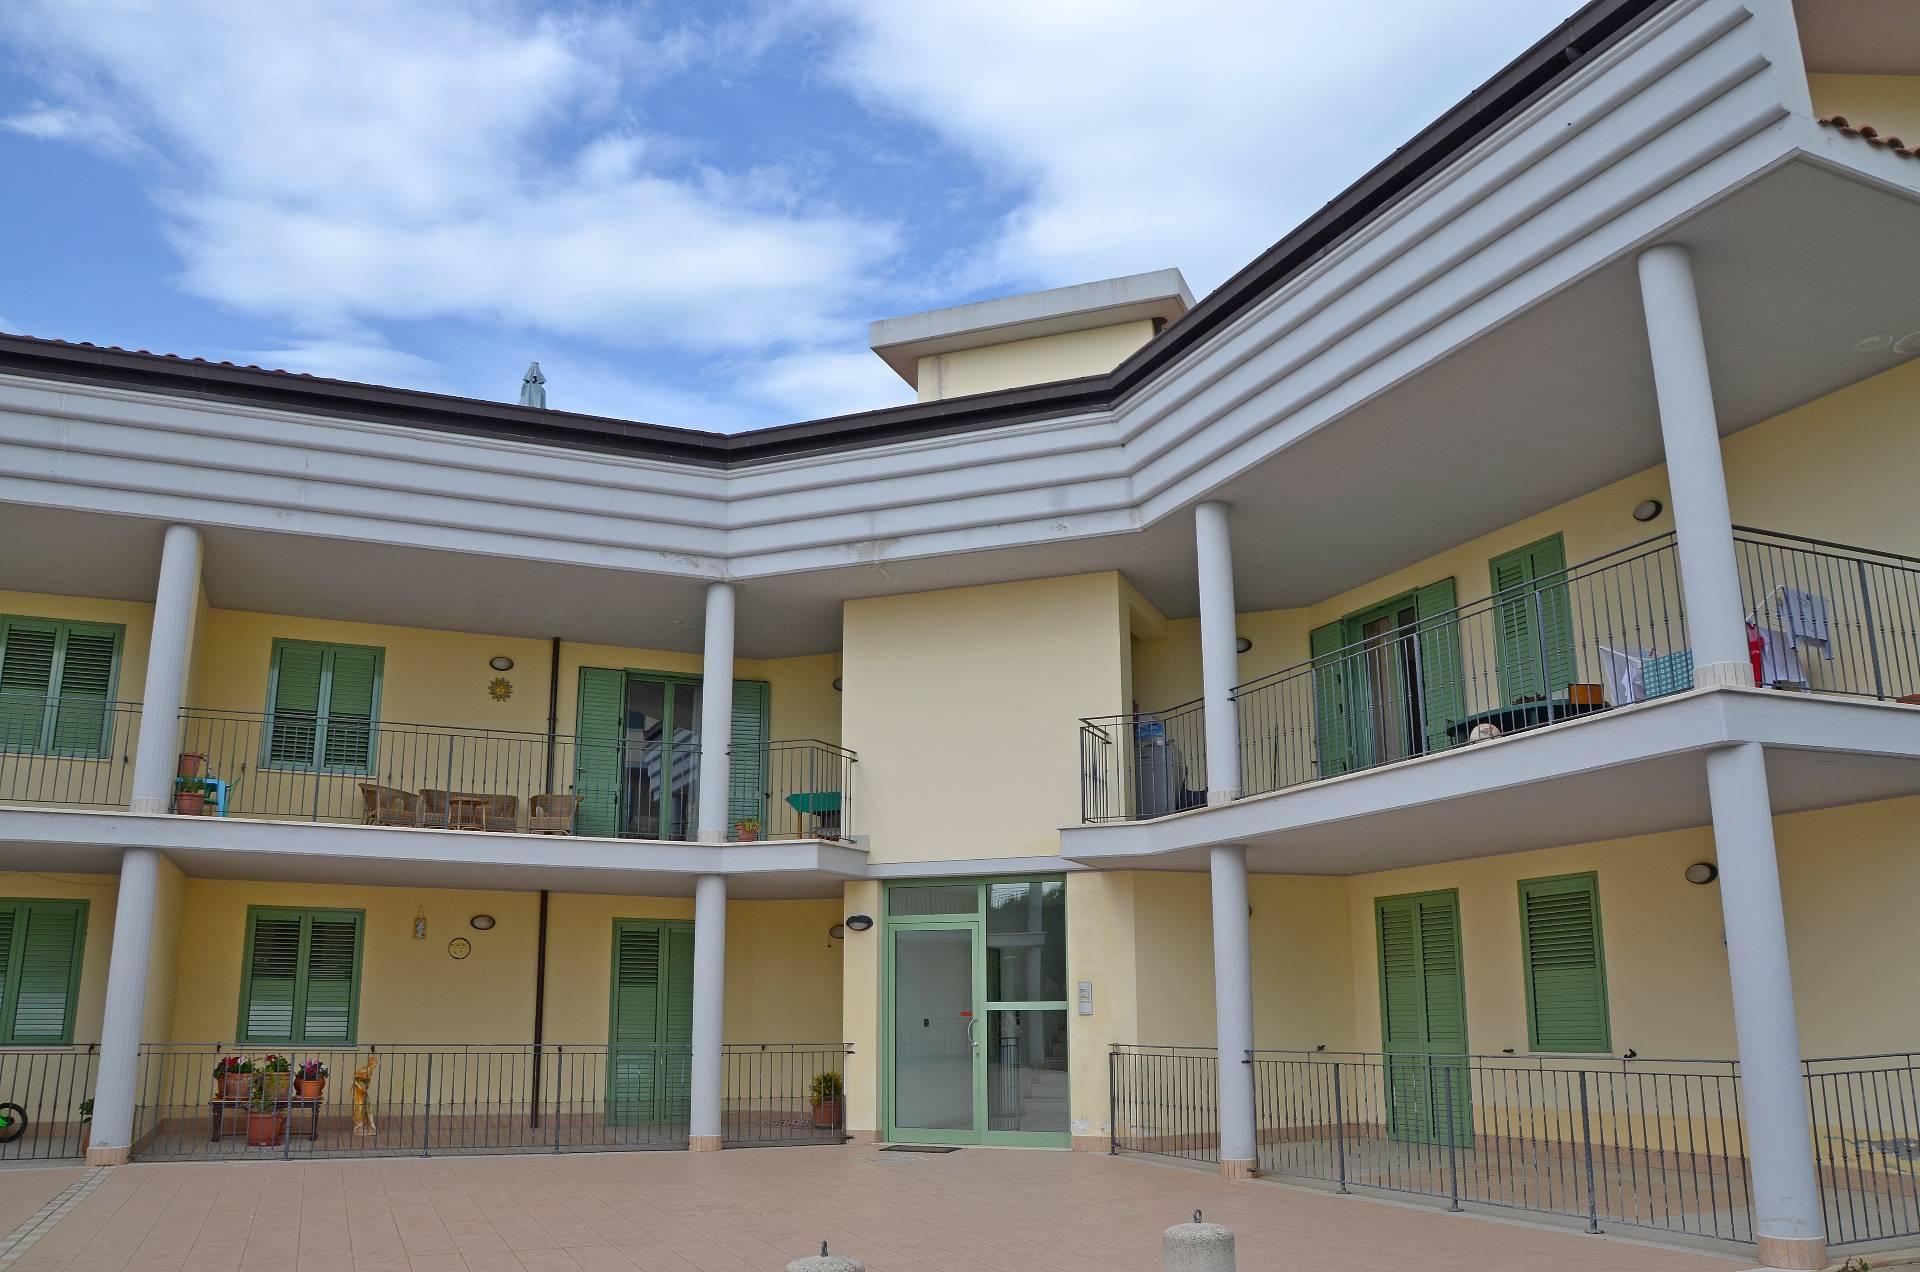 Appartamento in vendita a Città Sant'Angelo, 4 locali, zona Zona: Cona, prezzo € 154.000 | Cambio Casa.it